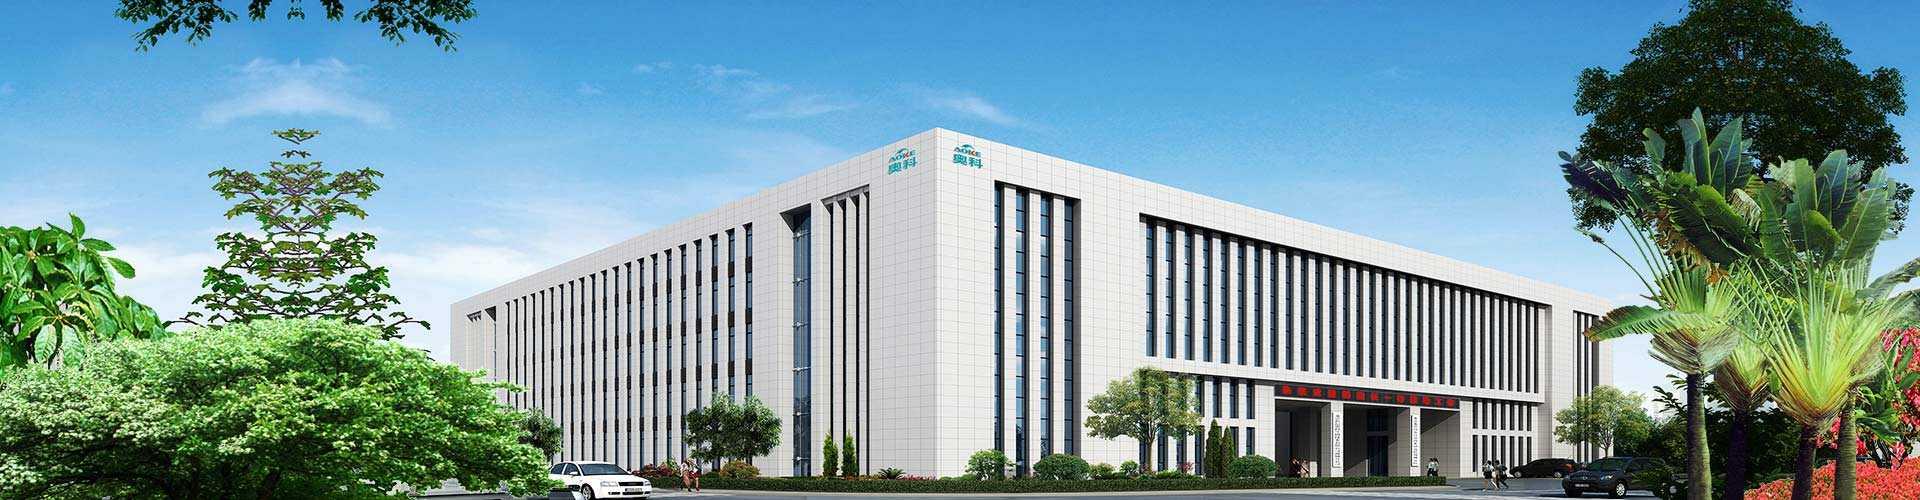 公司基地-www.weiye.org.cn国家标准物质网-标准物质